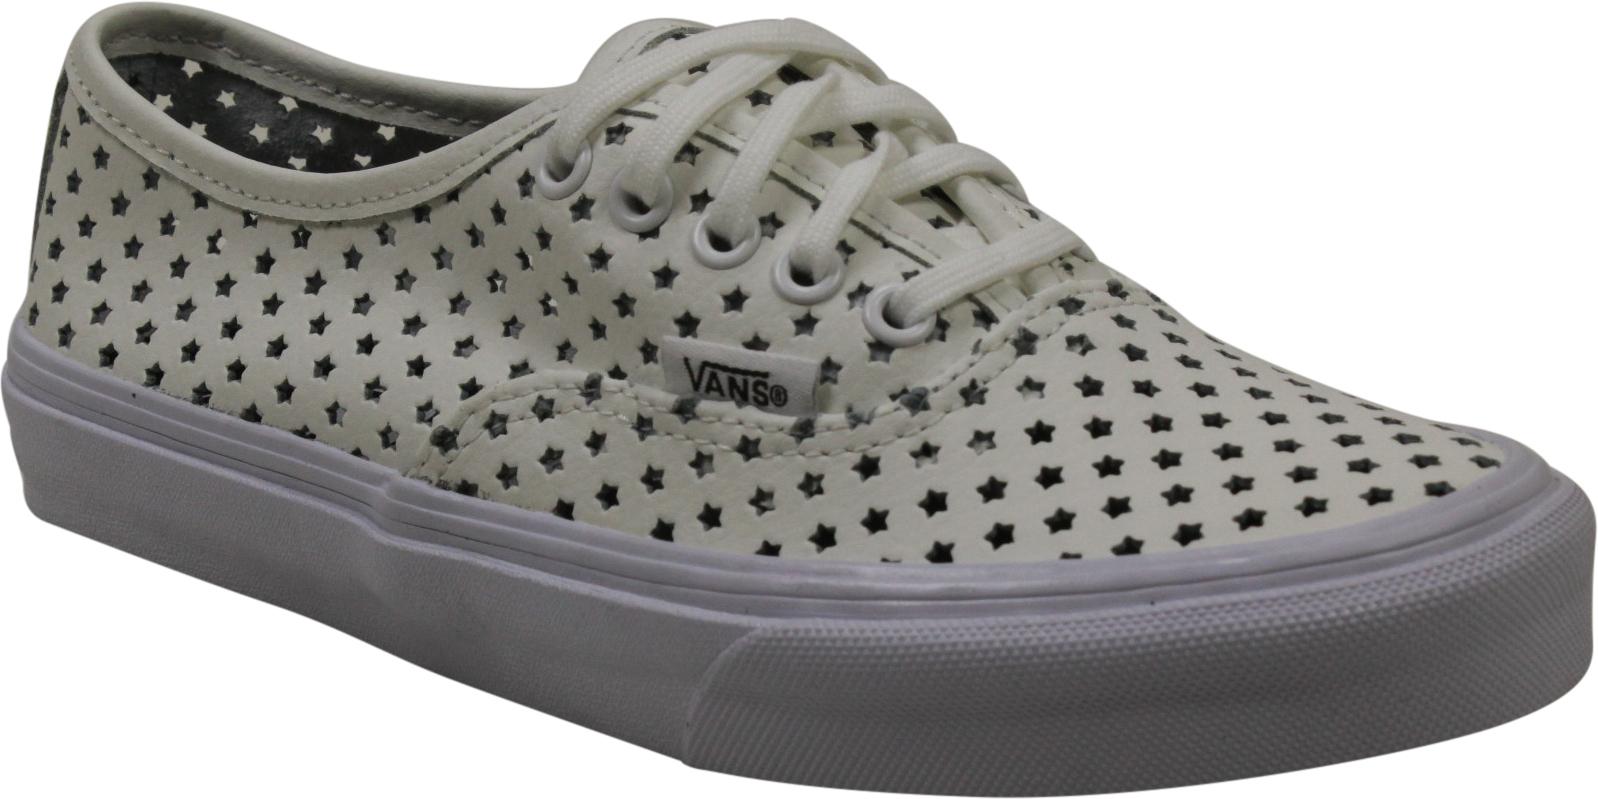 d7572944ac9976 Footwear · Womens · Sneakers · Authentic Slim - (Perf Stars) ...